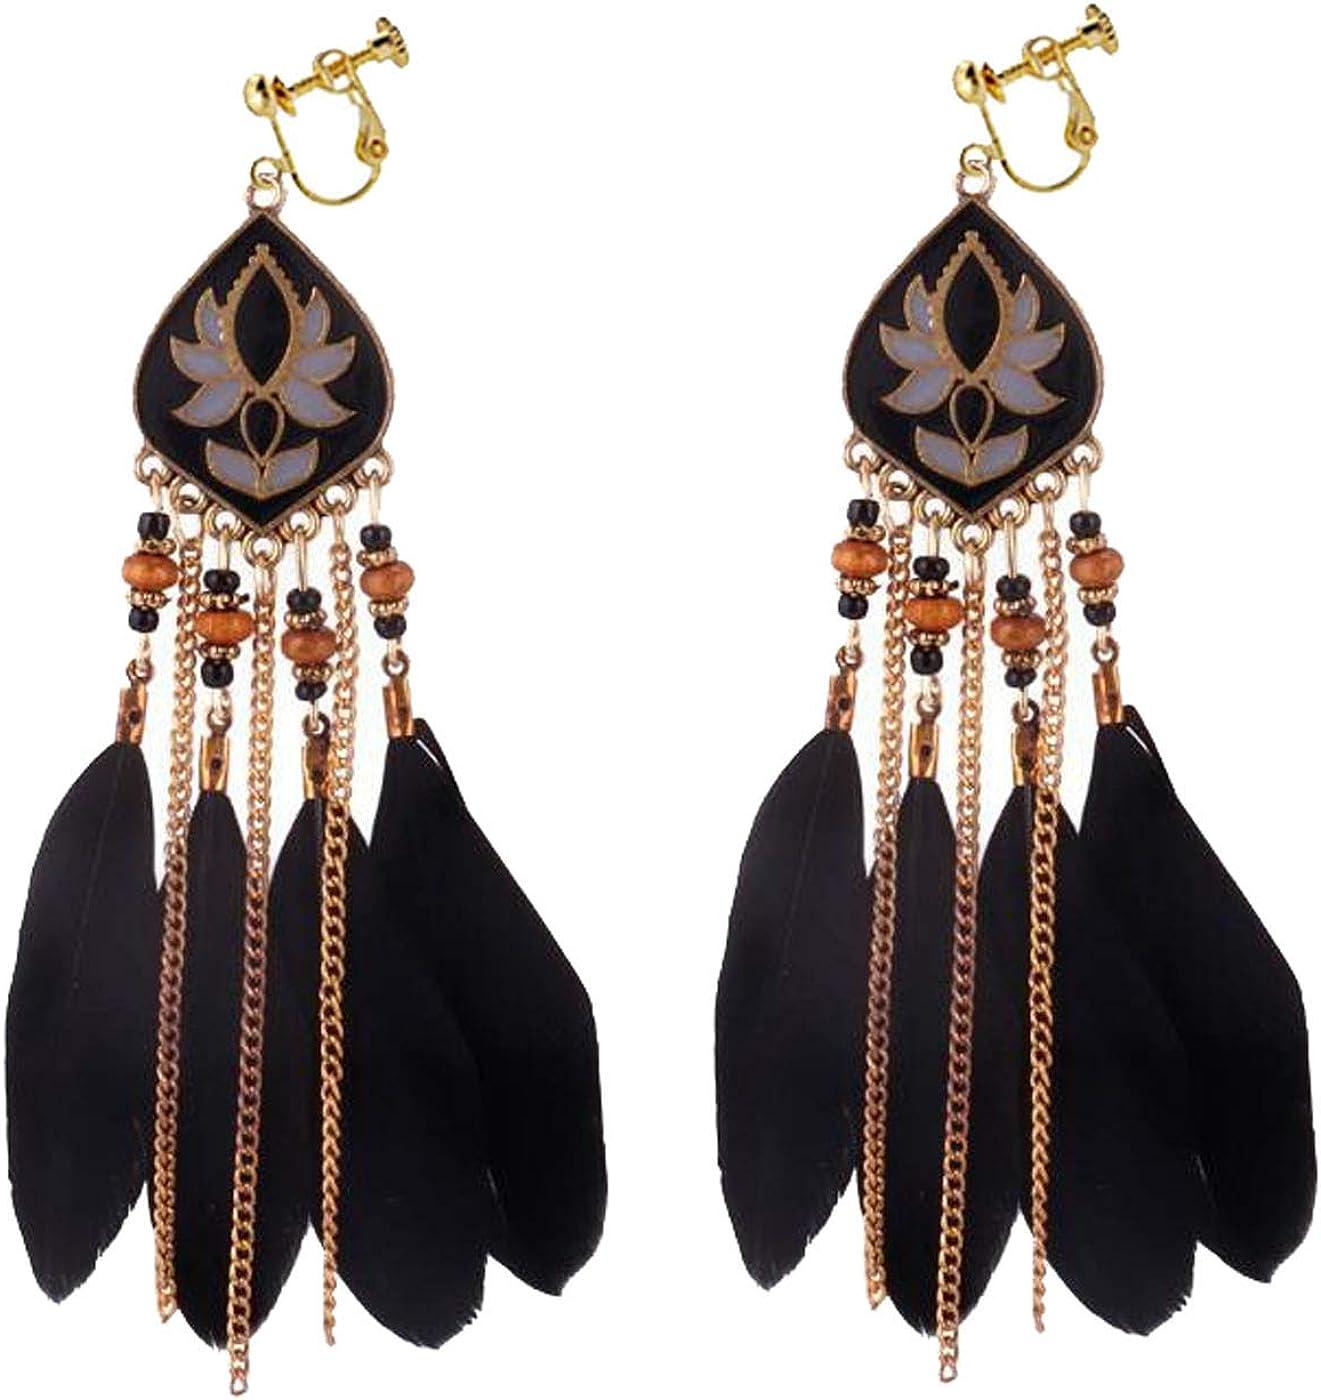 Retro Clip on Earrings Bohemian Earrings for Women Girls Enamel Lotus Dangle Drop Long Feather Tassel Vintage Statement